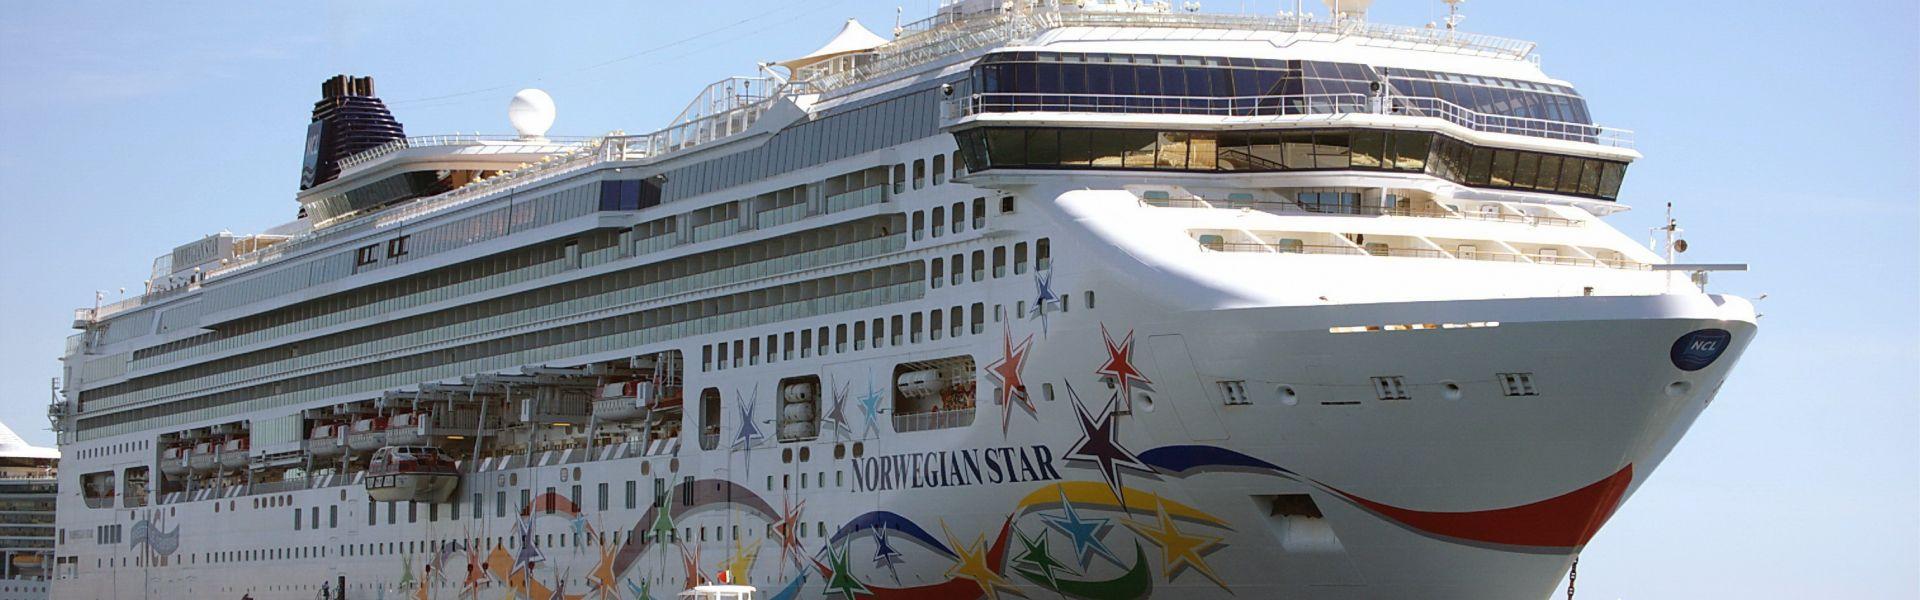 Croaziera 2017 - Mediterana de Est (Venetia) - Norwegian Cruise Line - Norwegian Star - 7 nopti